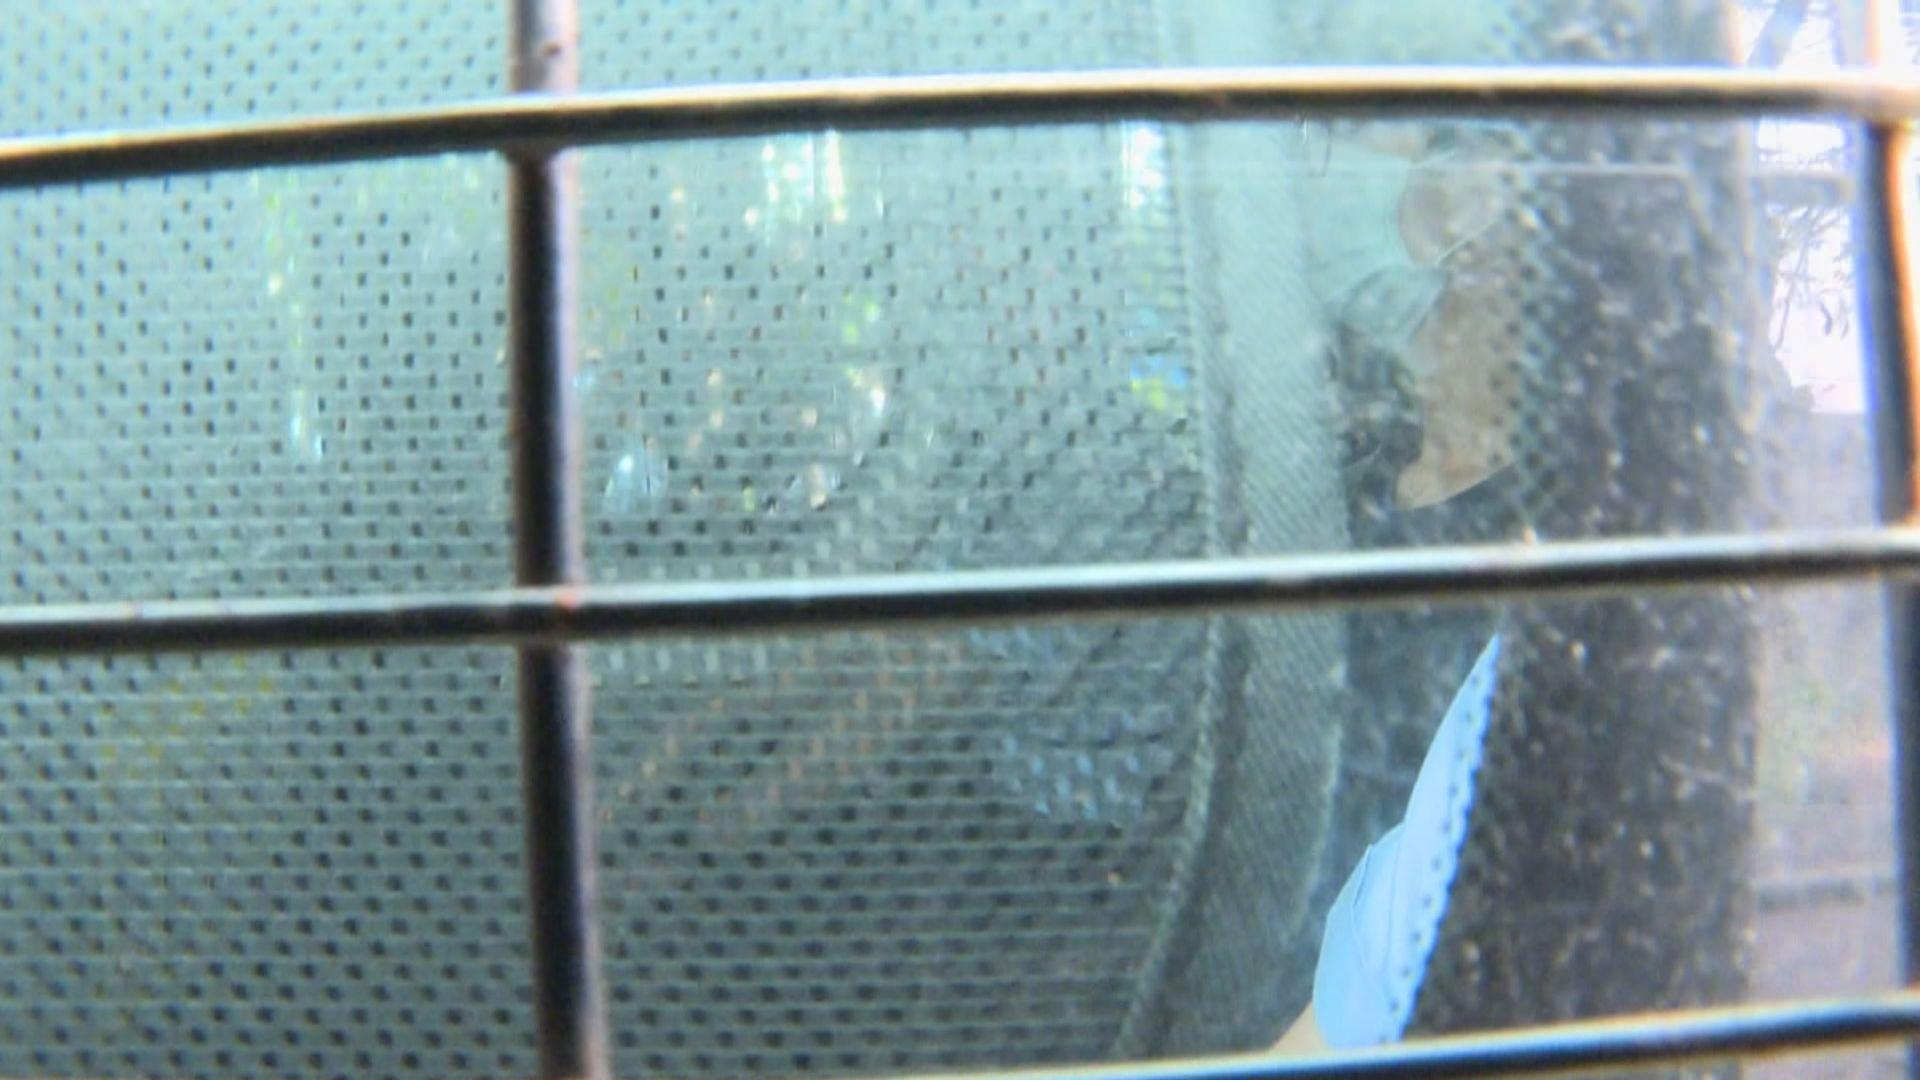 鍾翰林被控分裂國家罪 早上提堂